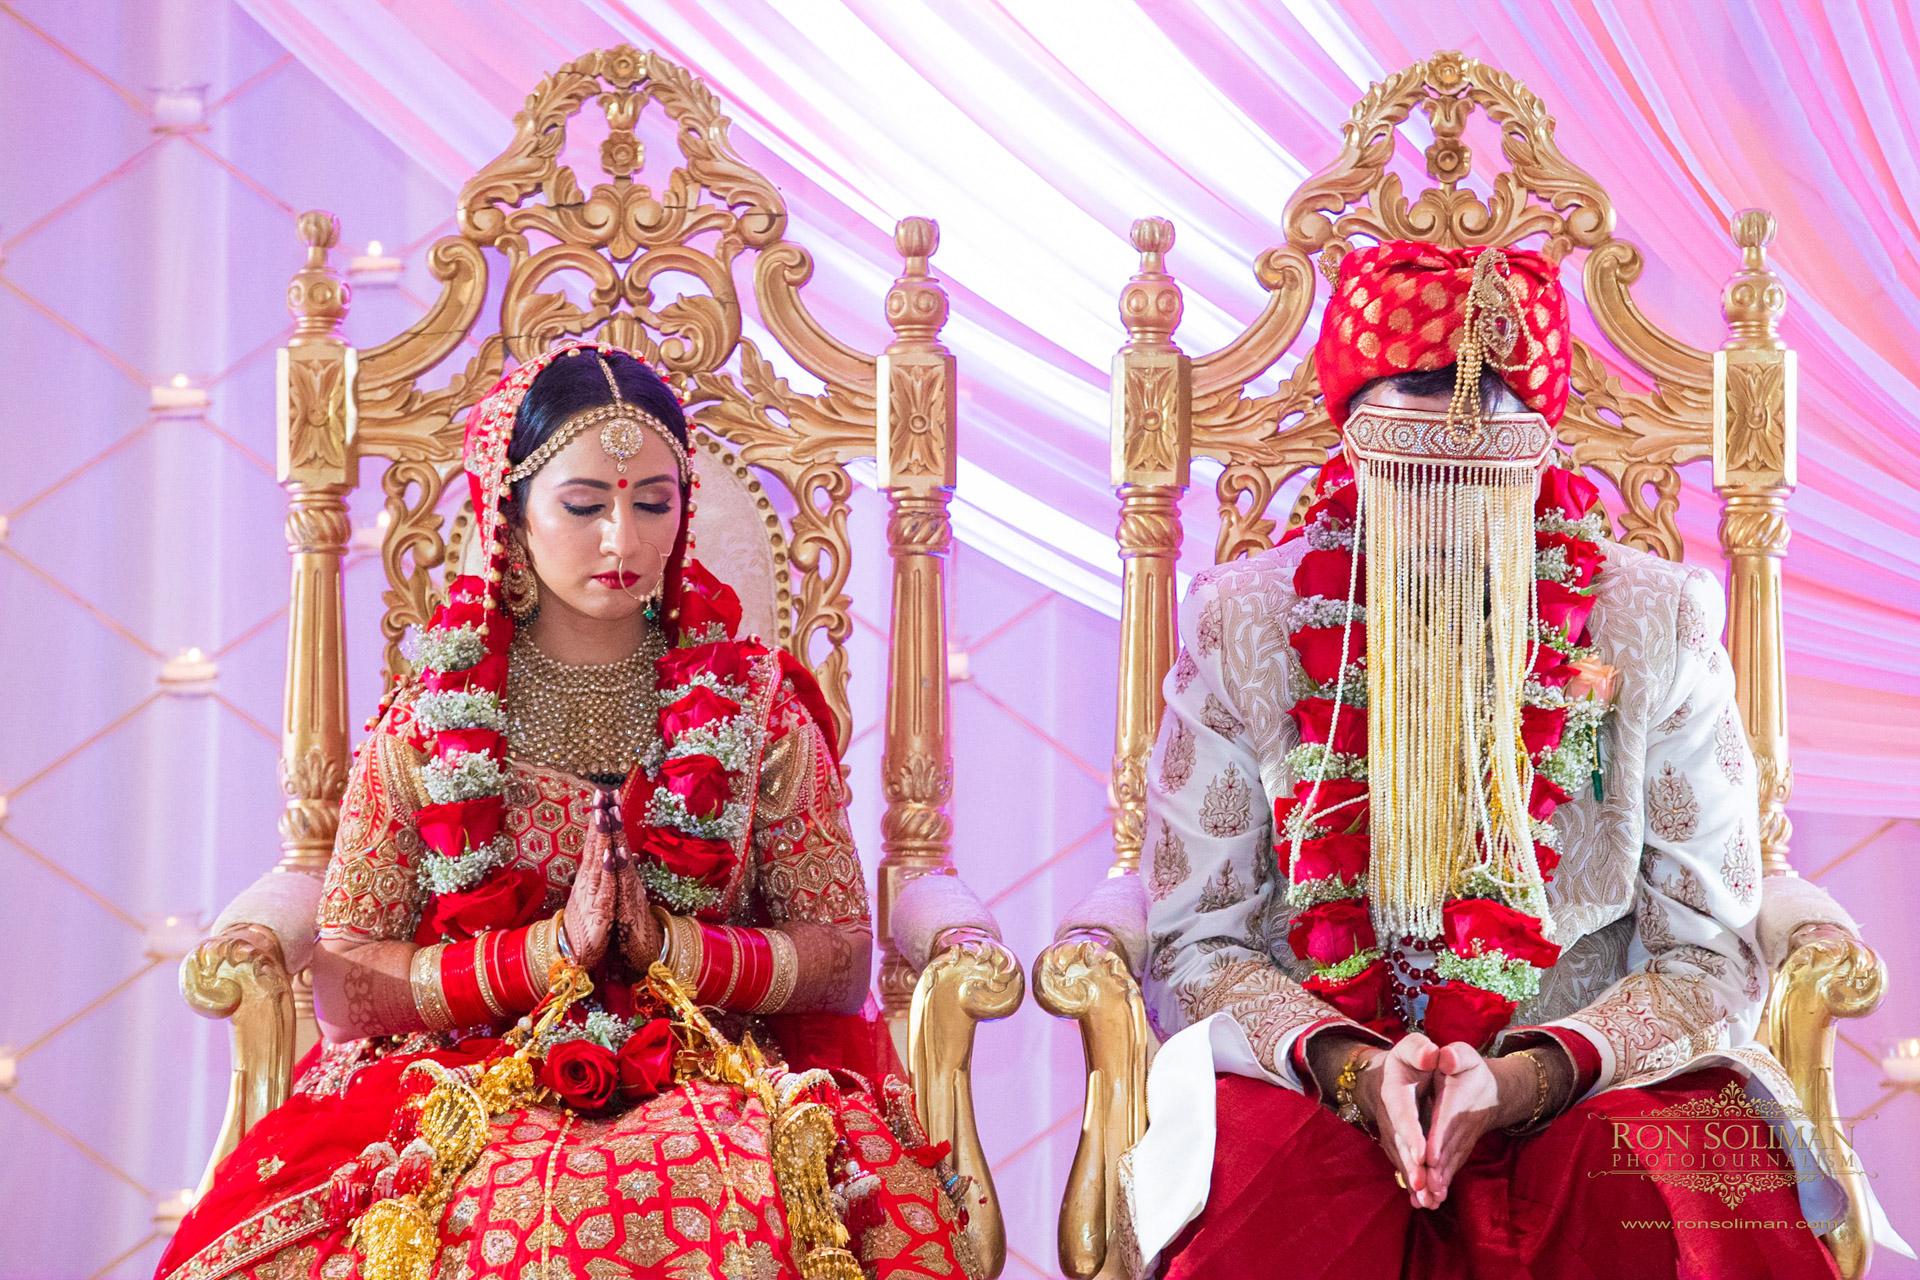 HYATT REGENCY RESTON WEDDING 14